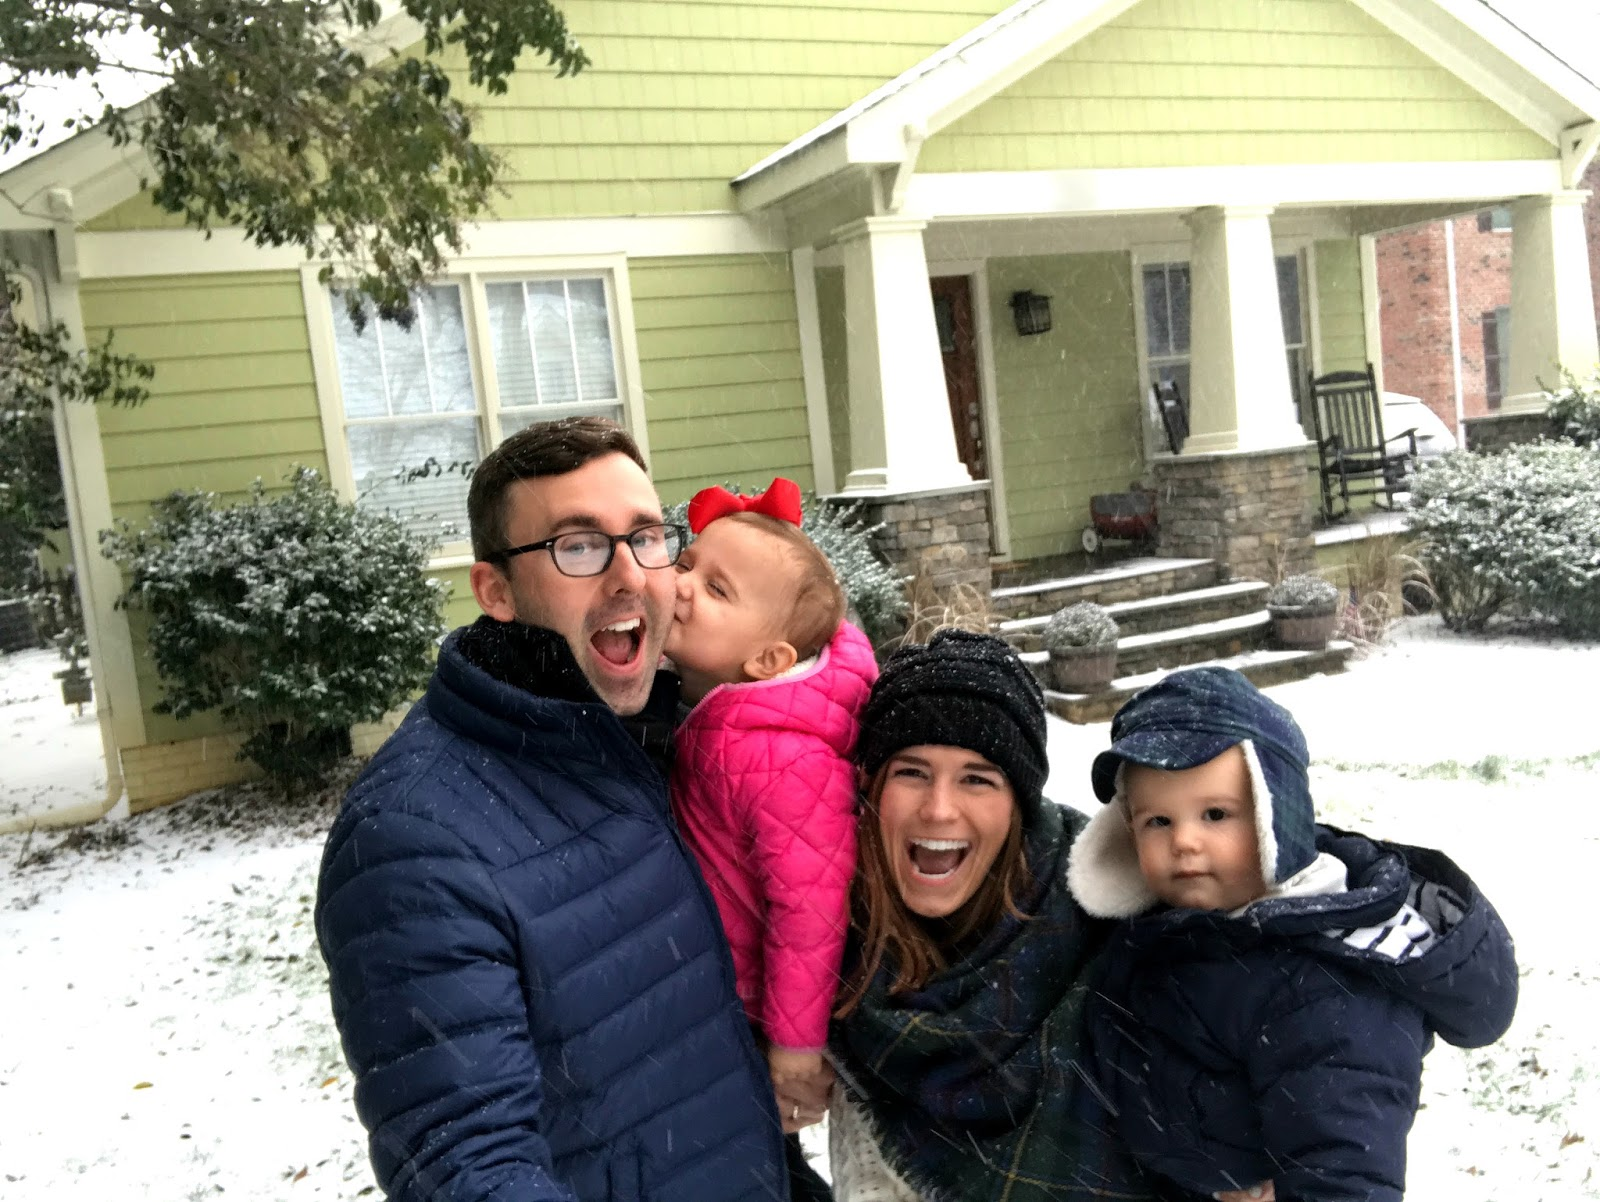 Snowpocolpyse Weekend!